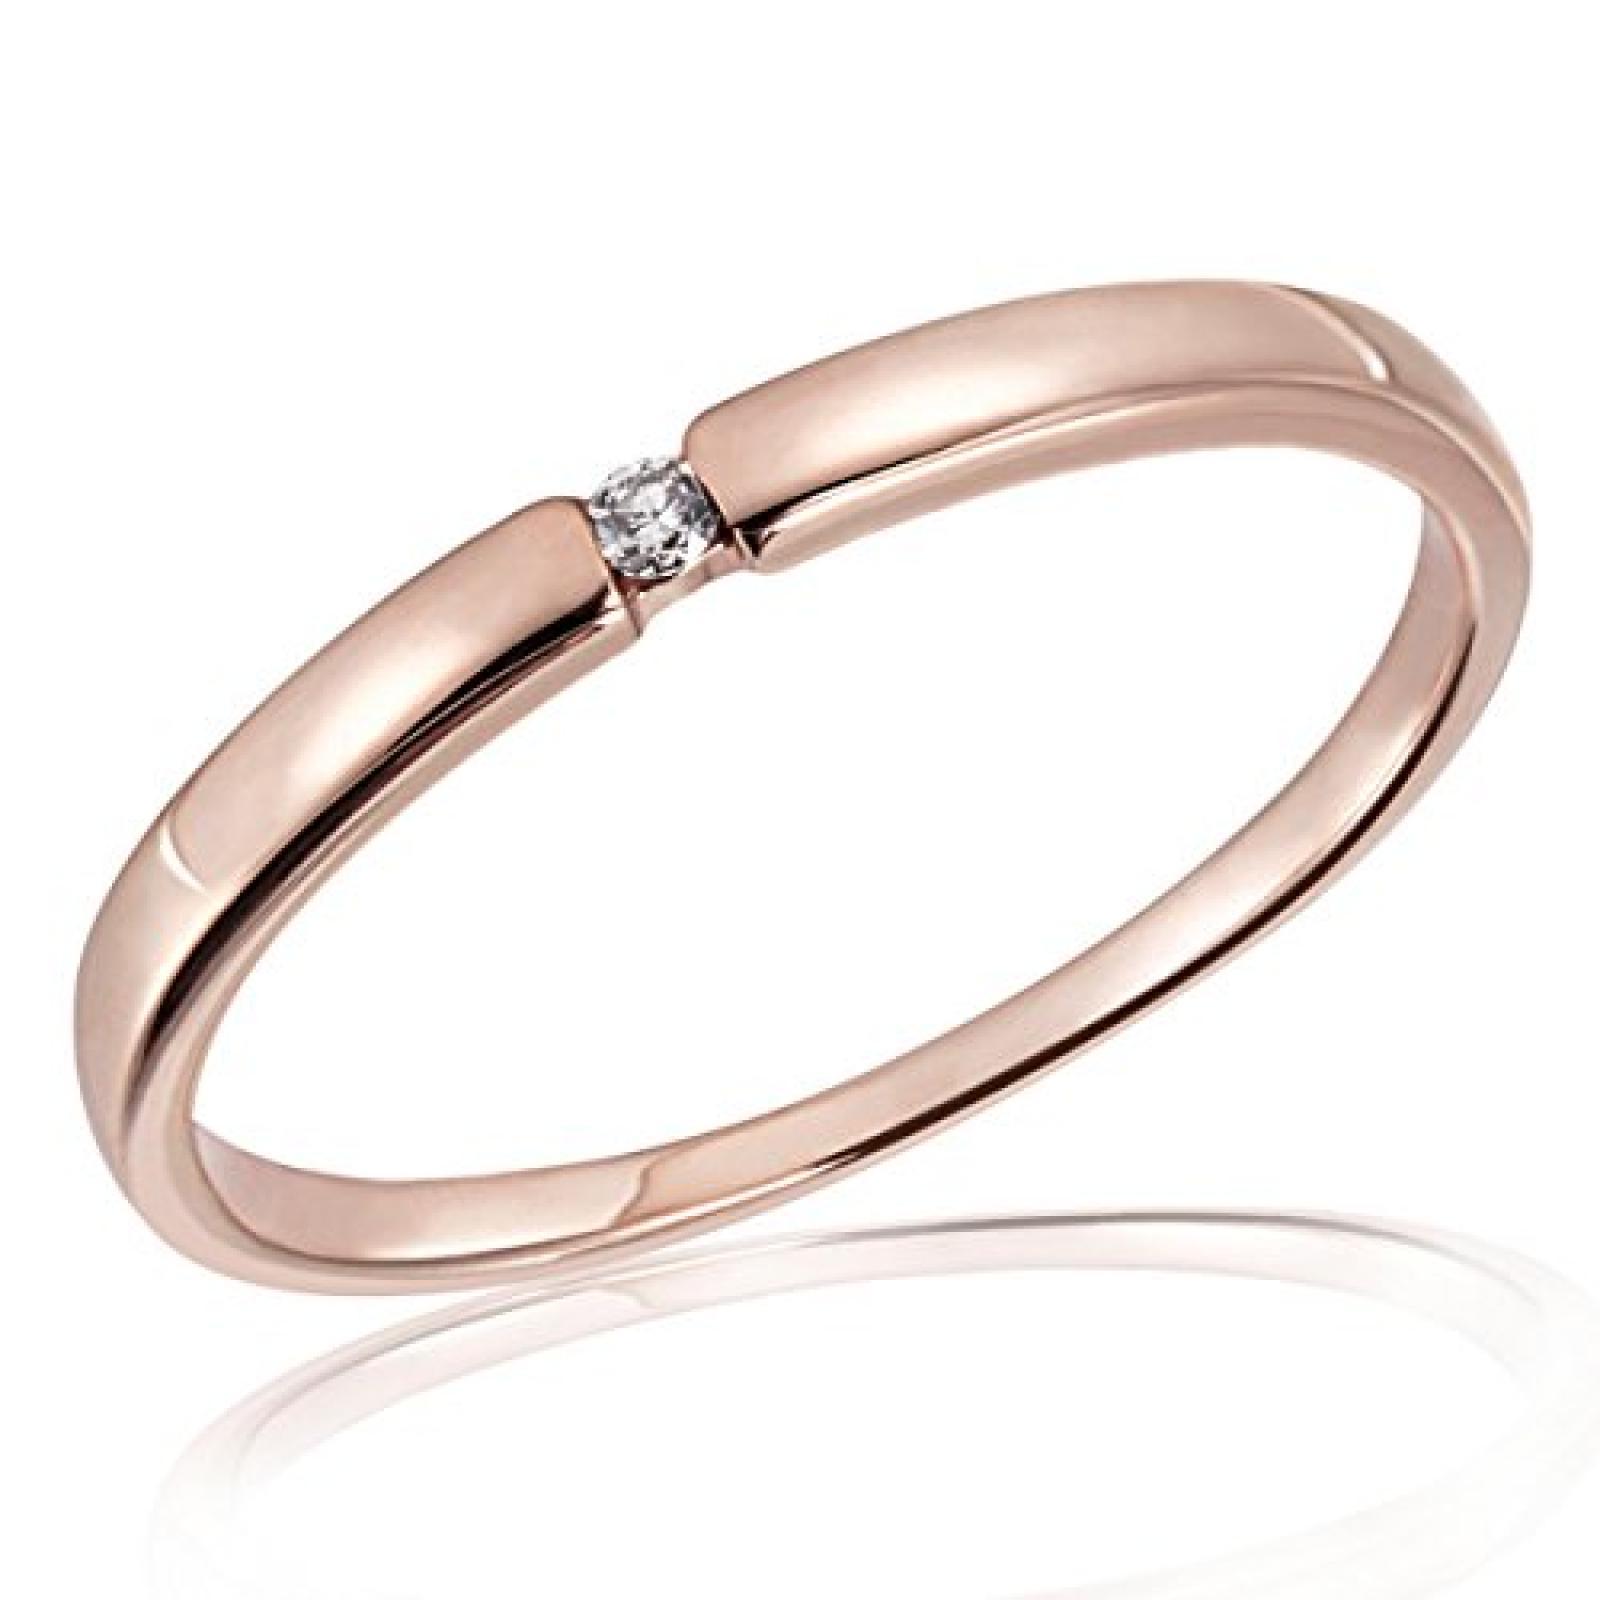 Goldmaid Damen-Ring 8 Karat 333 Rotgold Solitär Spannfassung 1 Brillant 0,03 ct. So R4696RG